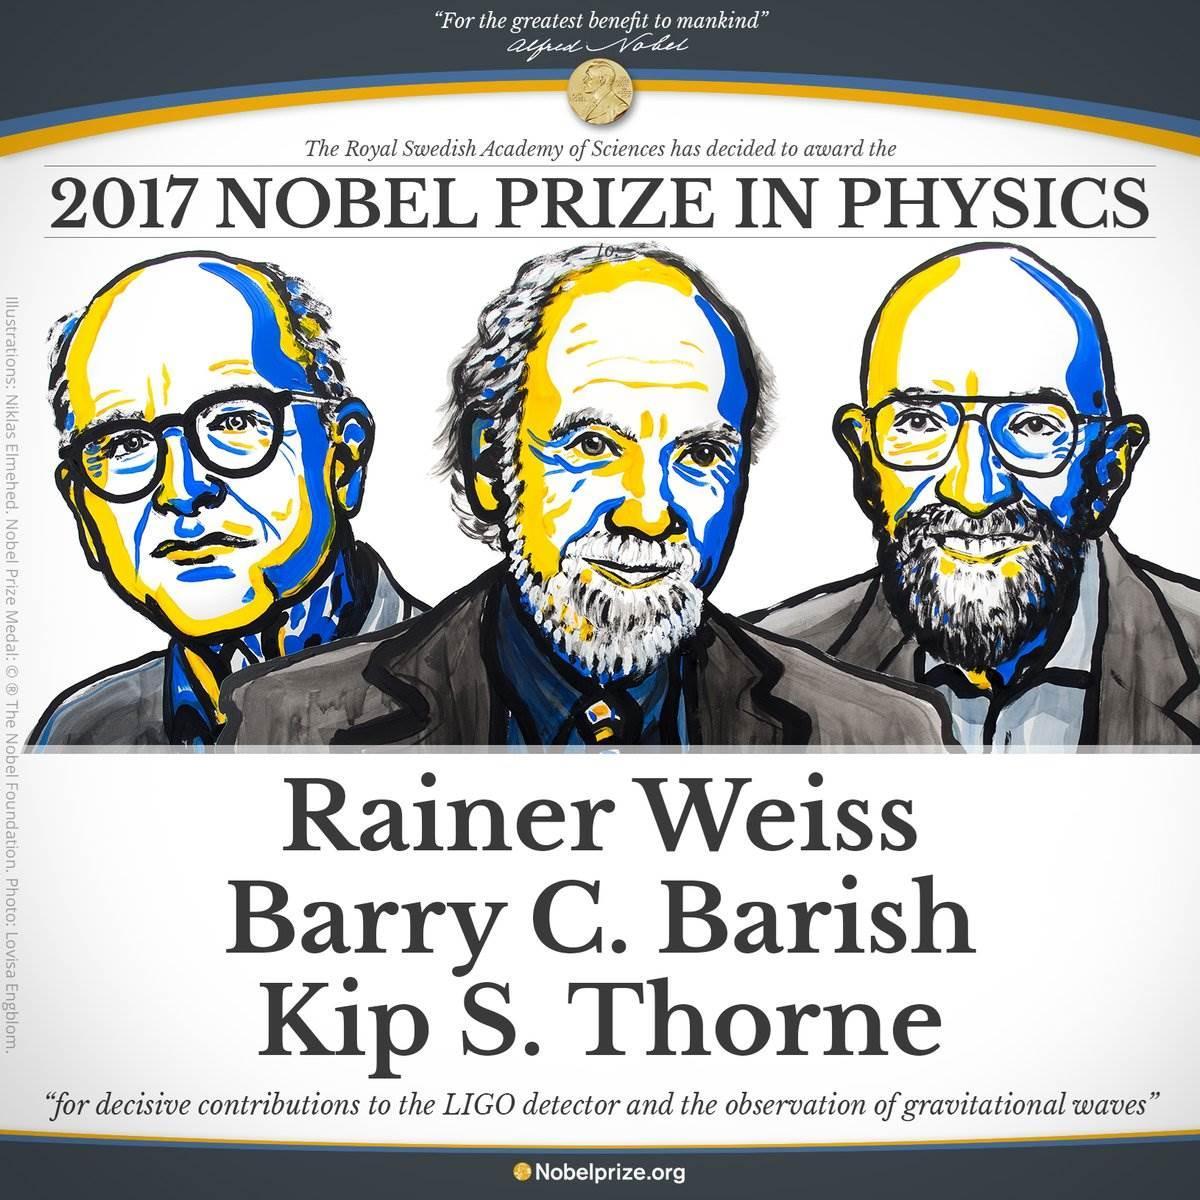 2017 Nobel Fizik Ödülü'nün kazananı belli oldu